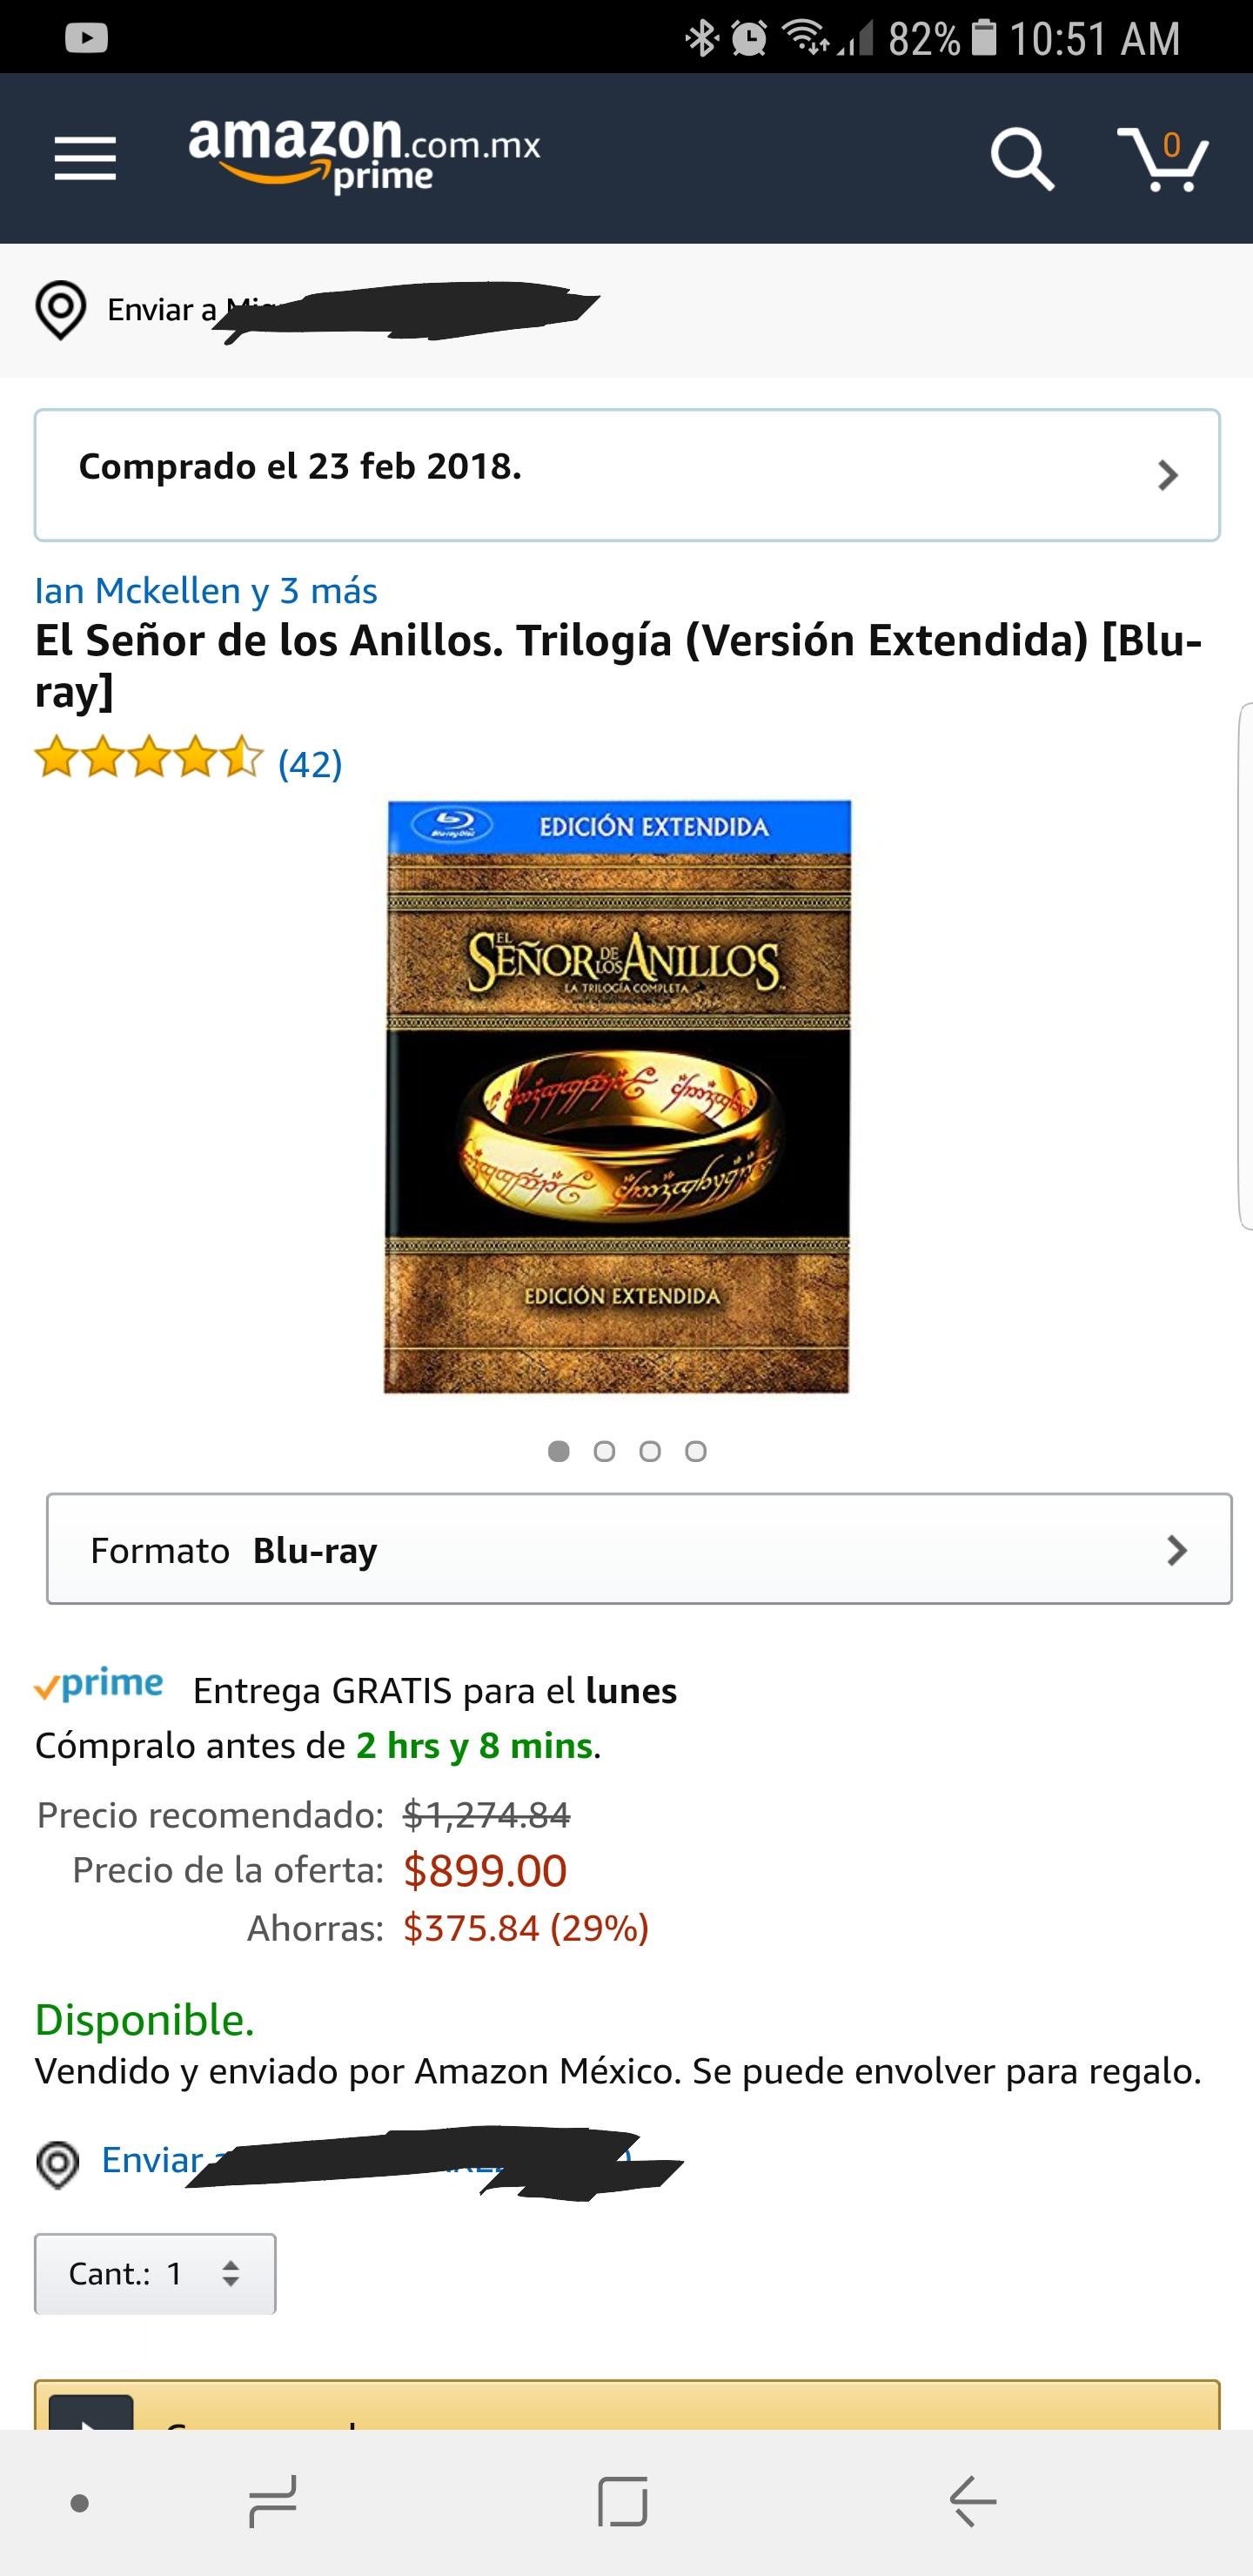 Amazon: El Señor de los Anillos. Trilogía (Versión Extendida) [Blu-ray]